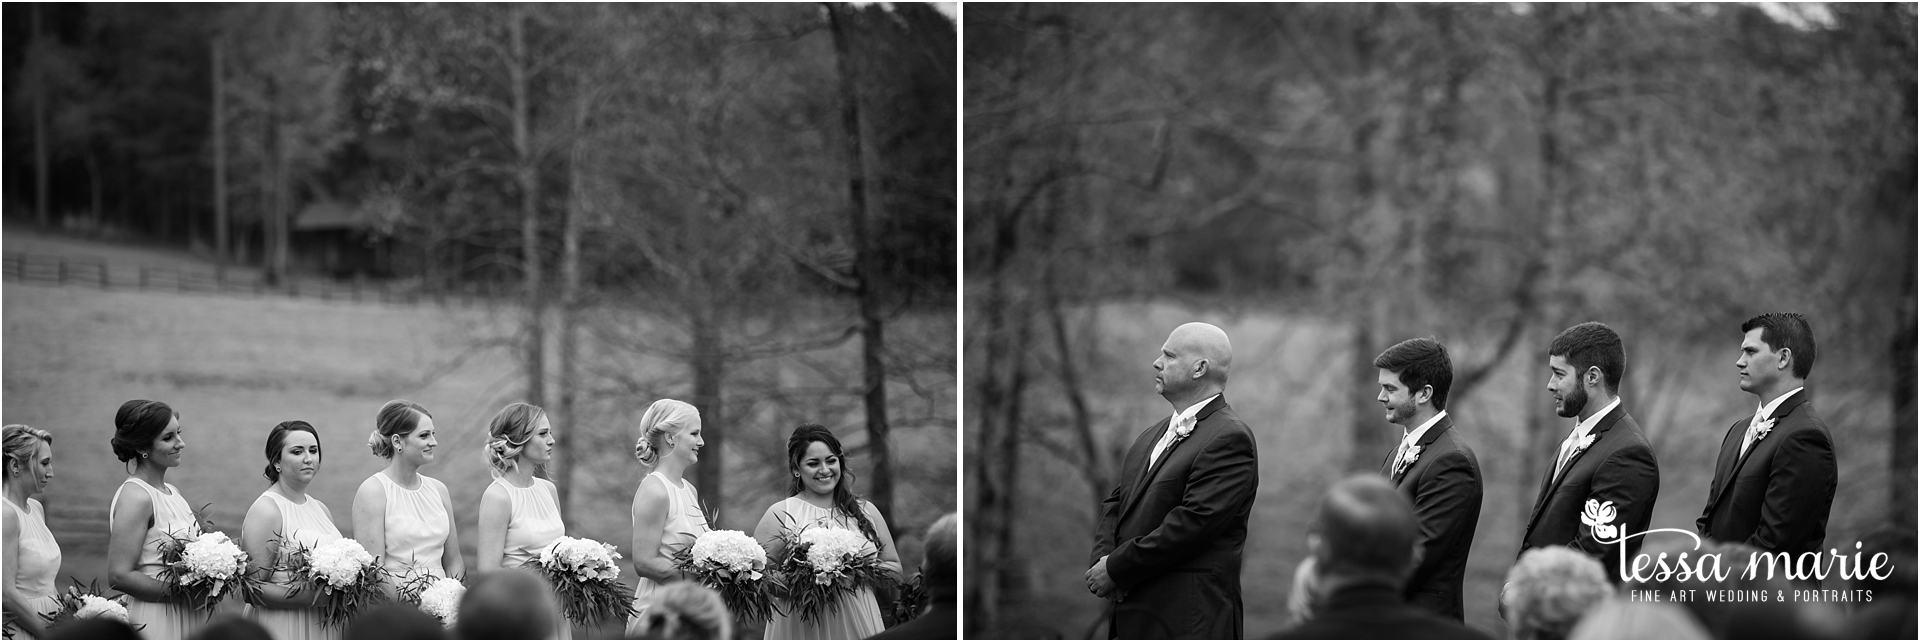 032216_brittany_kevin_wedding-117